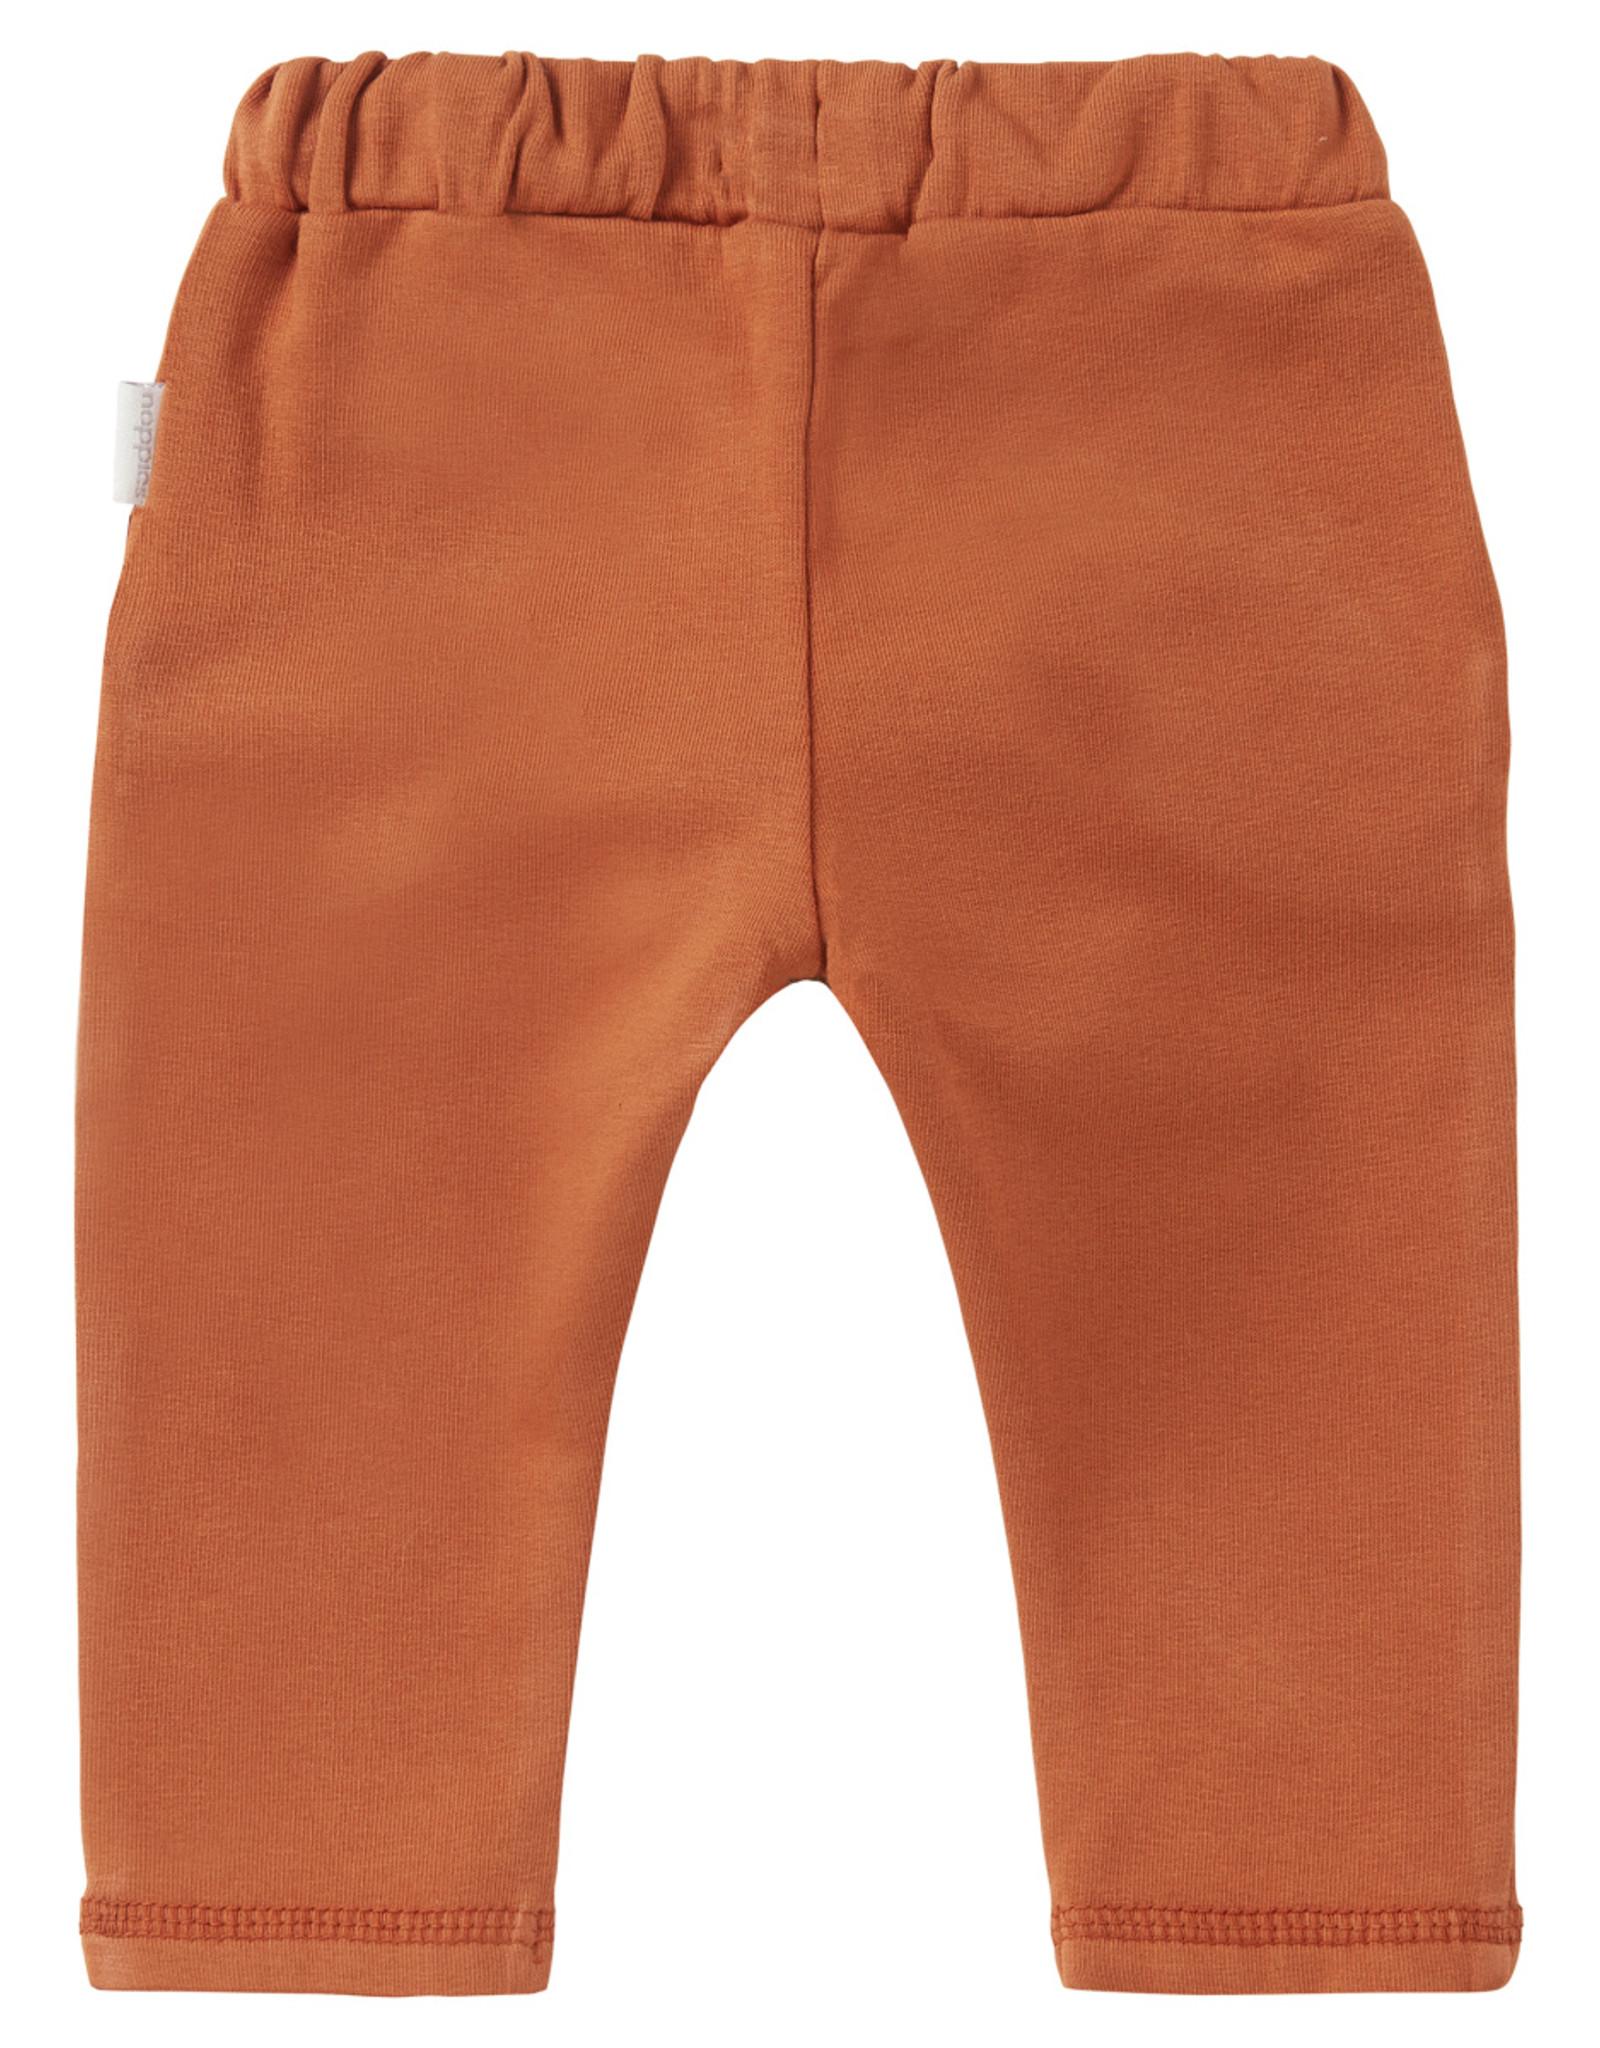 Noppies Noppies G Regular Fit Pants Madadeni